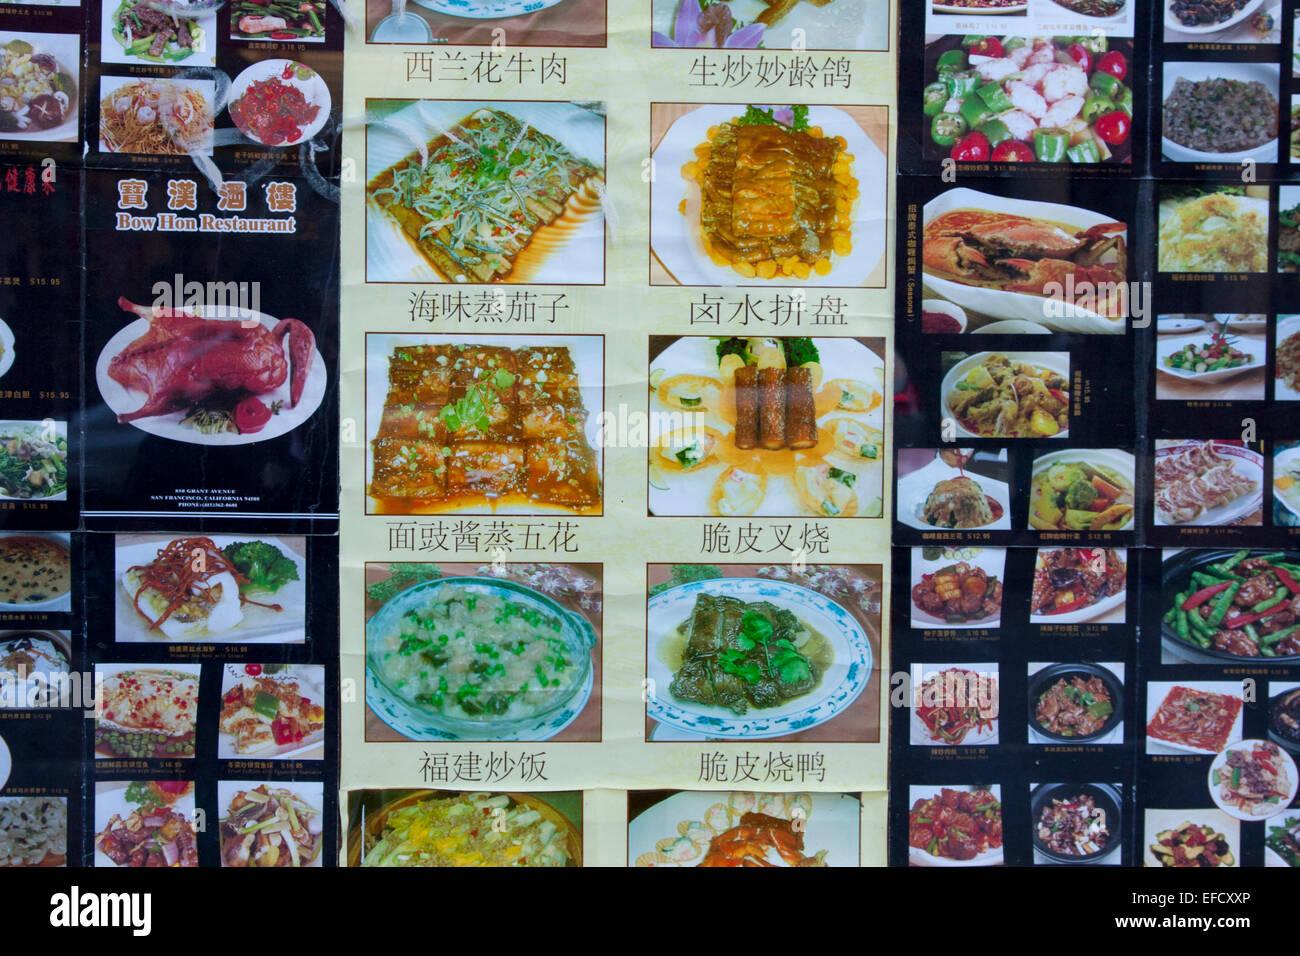 Chinesisches Restaurant Menü in Chinatown, San Francisco ...